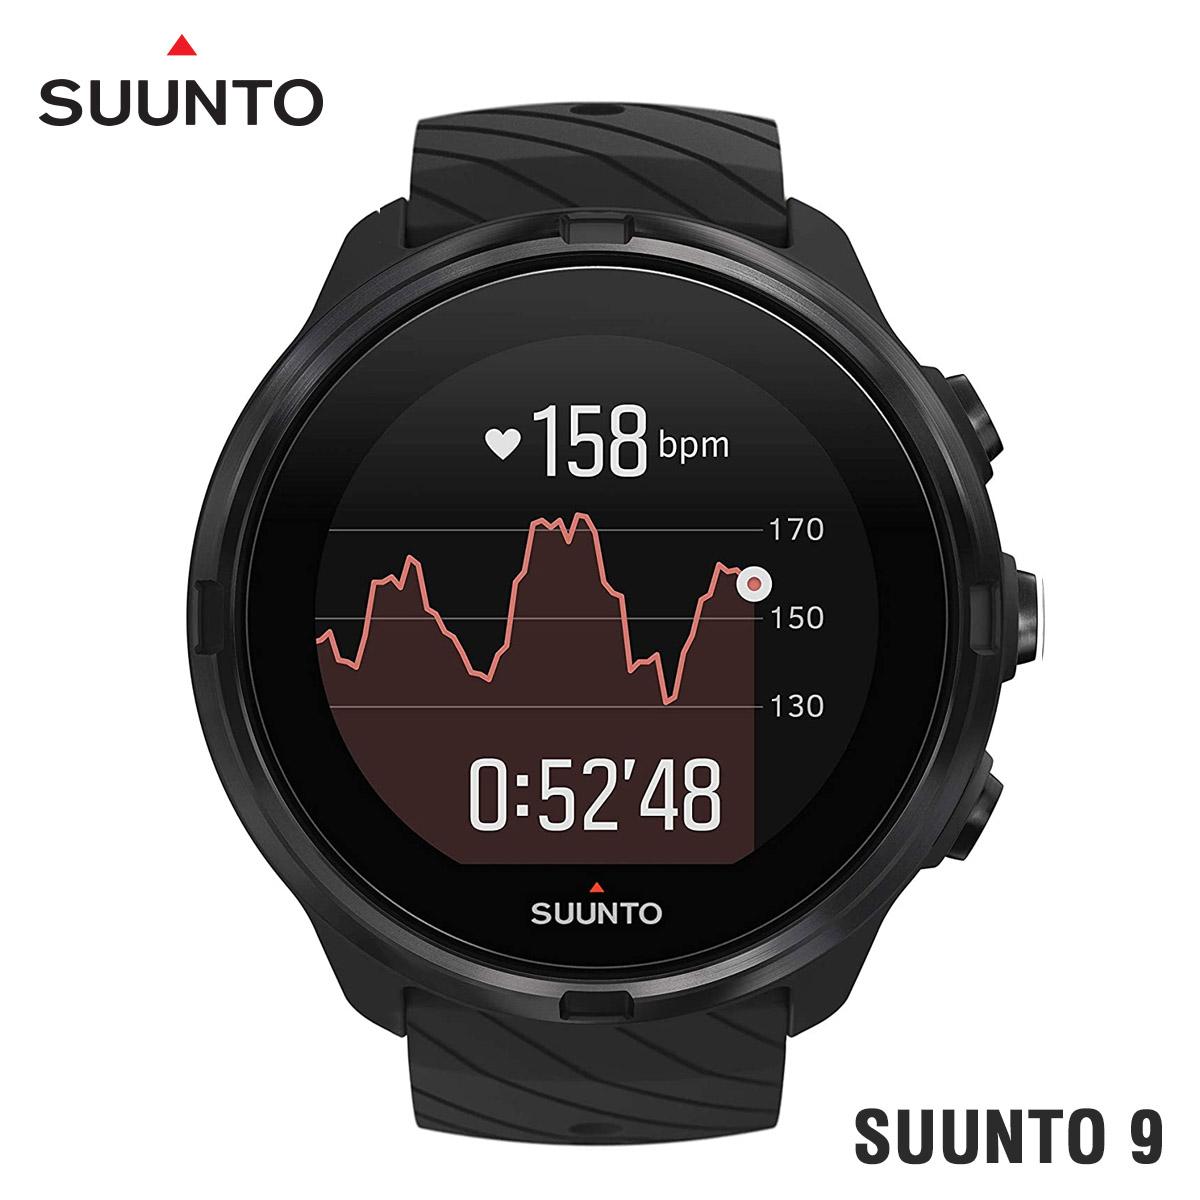 【全品送料無料】Suunto 9 ALL BLACK スマートウォッチ 腕時計 ss050143000